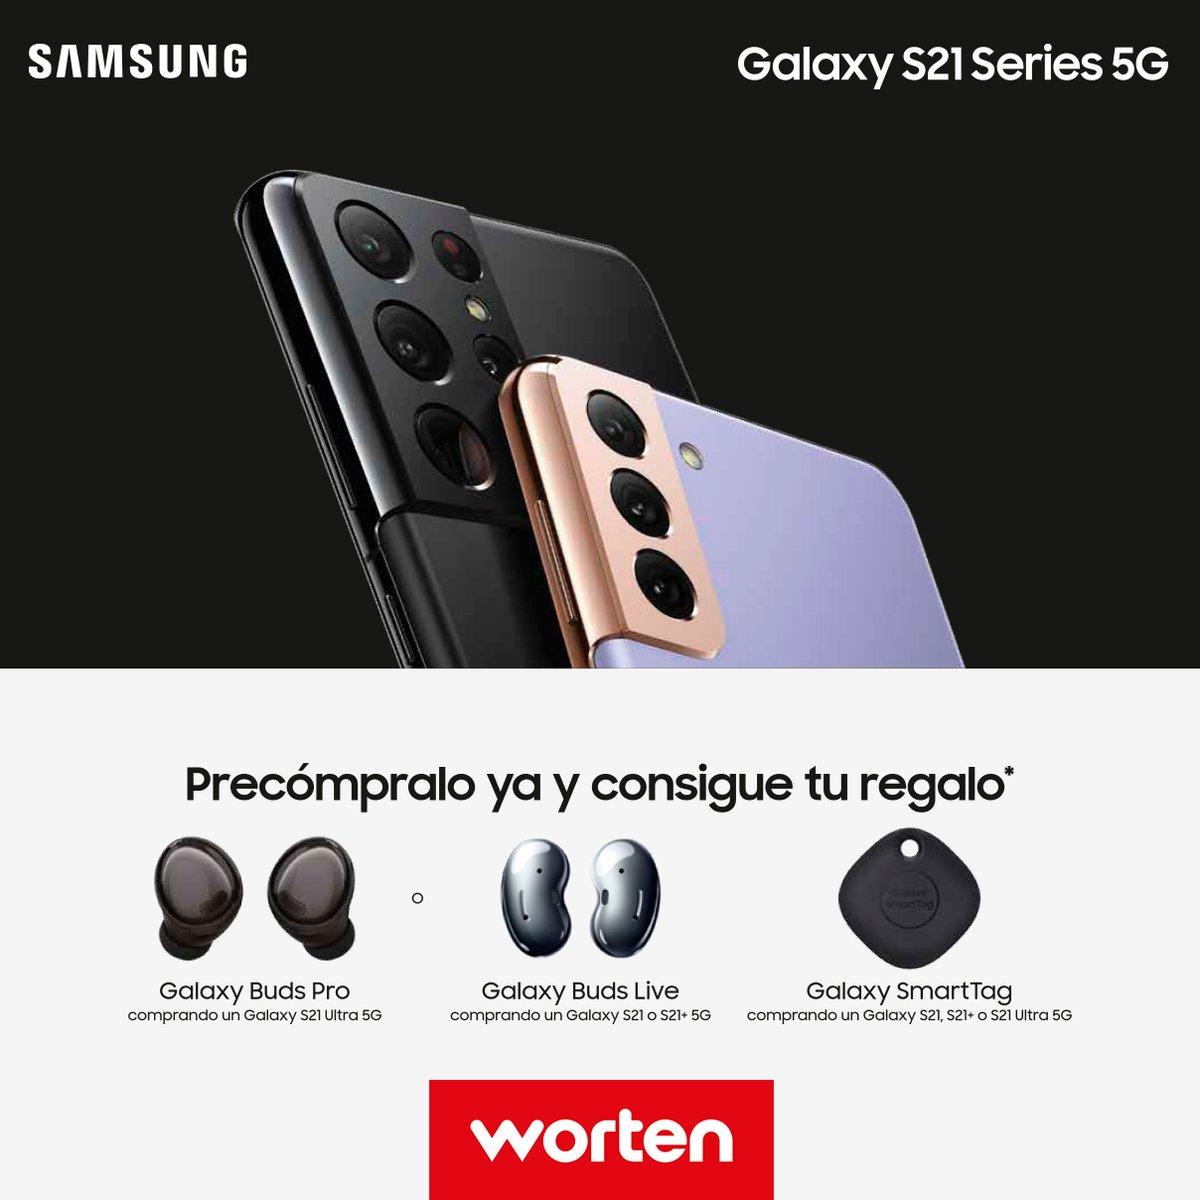 ¡Ya puedes precomprar el nuevo @SamsungEspana #SamsungGalaxyS21 en #WortenES y conseguir tus #GalaxyBuds y #GalaxySmartTag  de regalo! 🙌